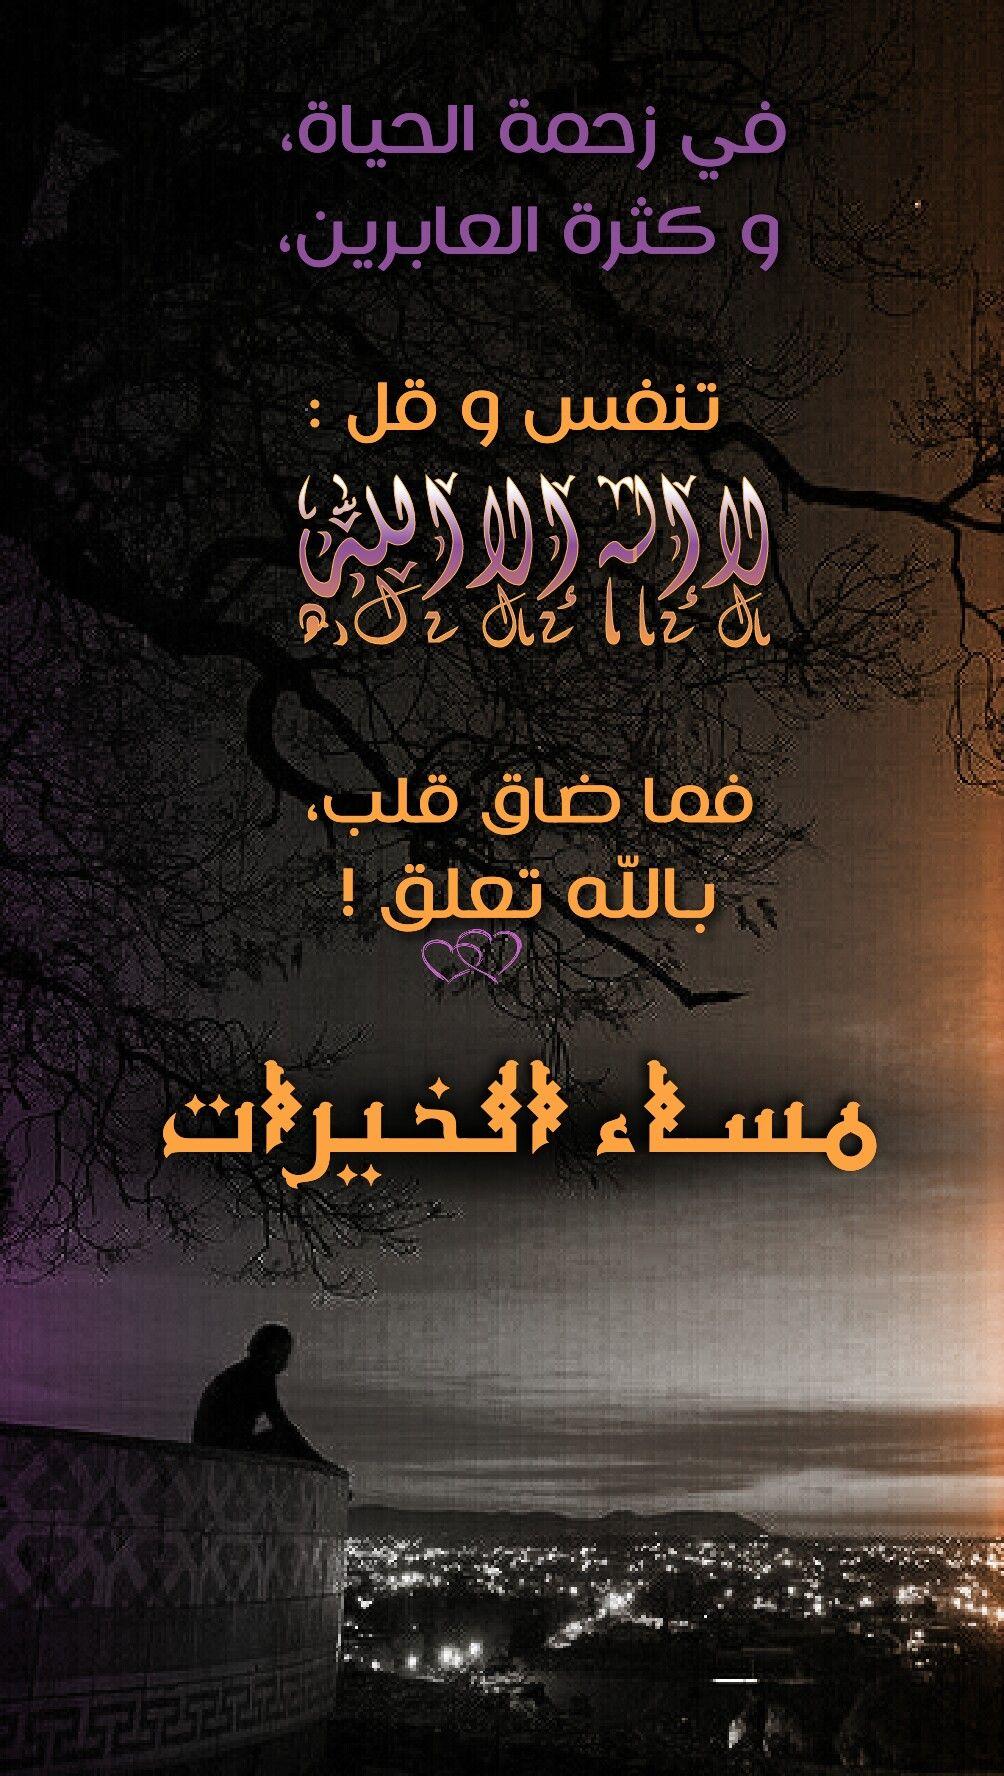 Pin By Izudin Izudin On Masa Good Night Image Night Wishes Good Evening